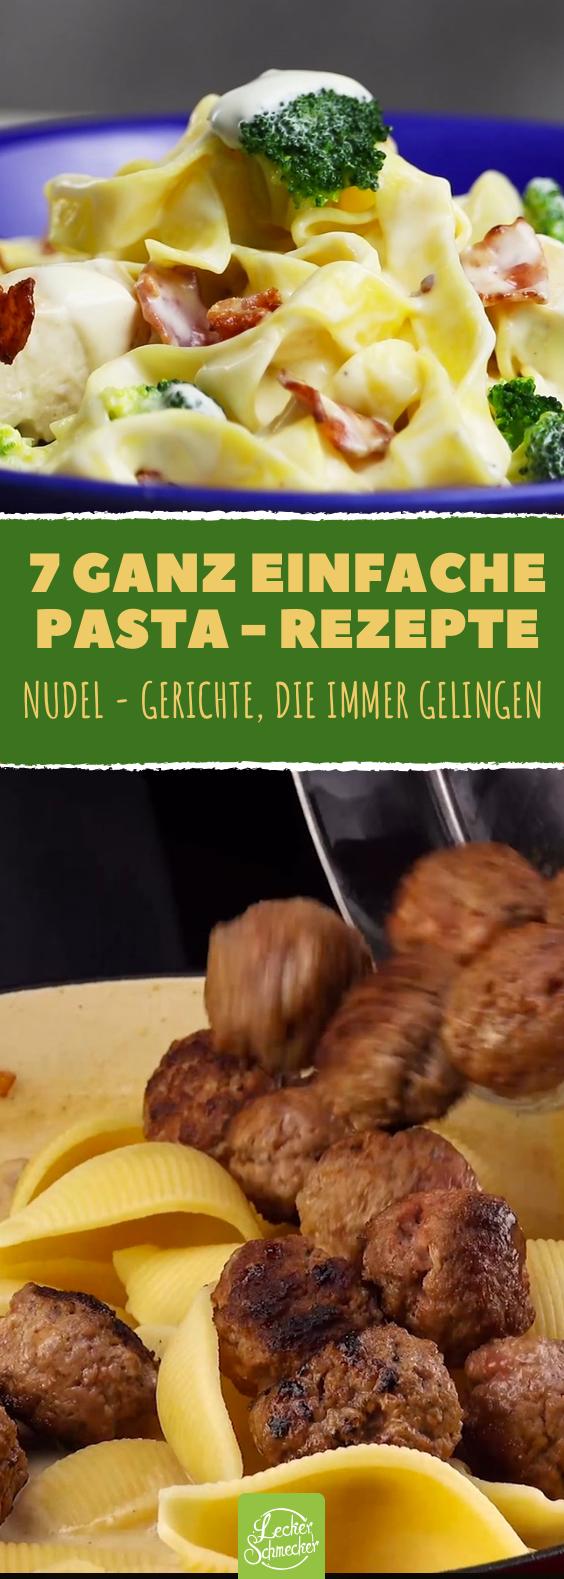 Jackpot: Das sind unsere 7 leichtesten Nudelrezepte!